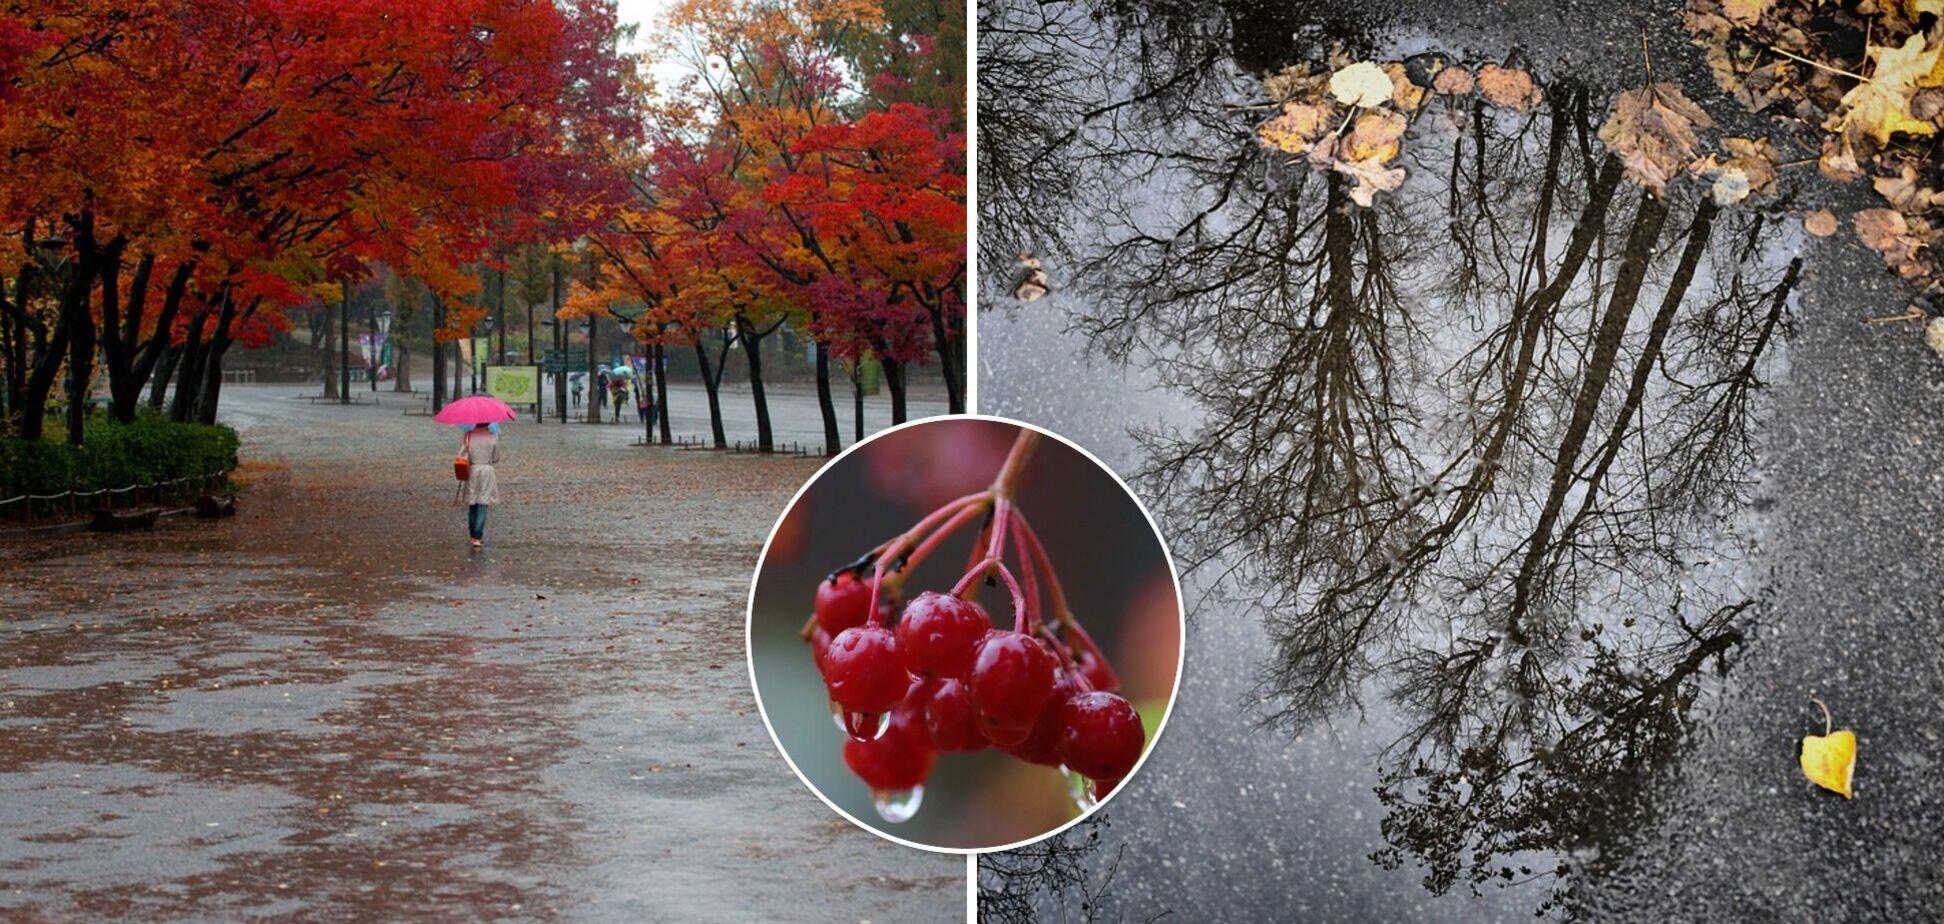 В Україну прийде похолодання, дощі та грози накриють усі регіони: прогноз погоди на вихідні. Карта